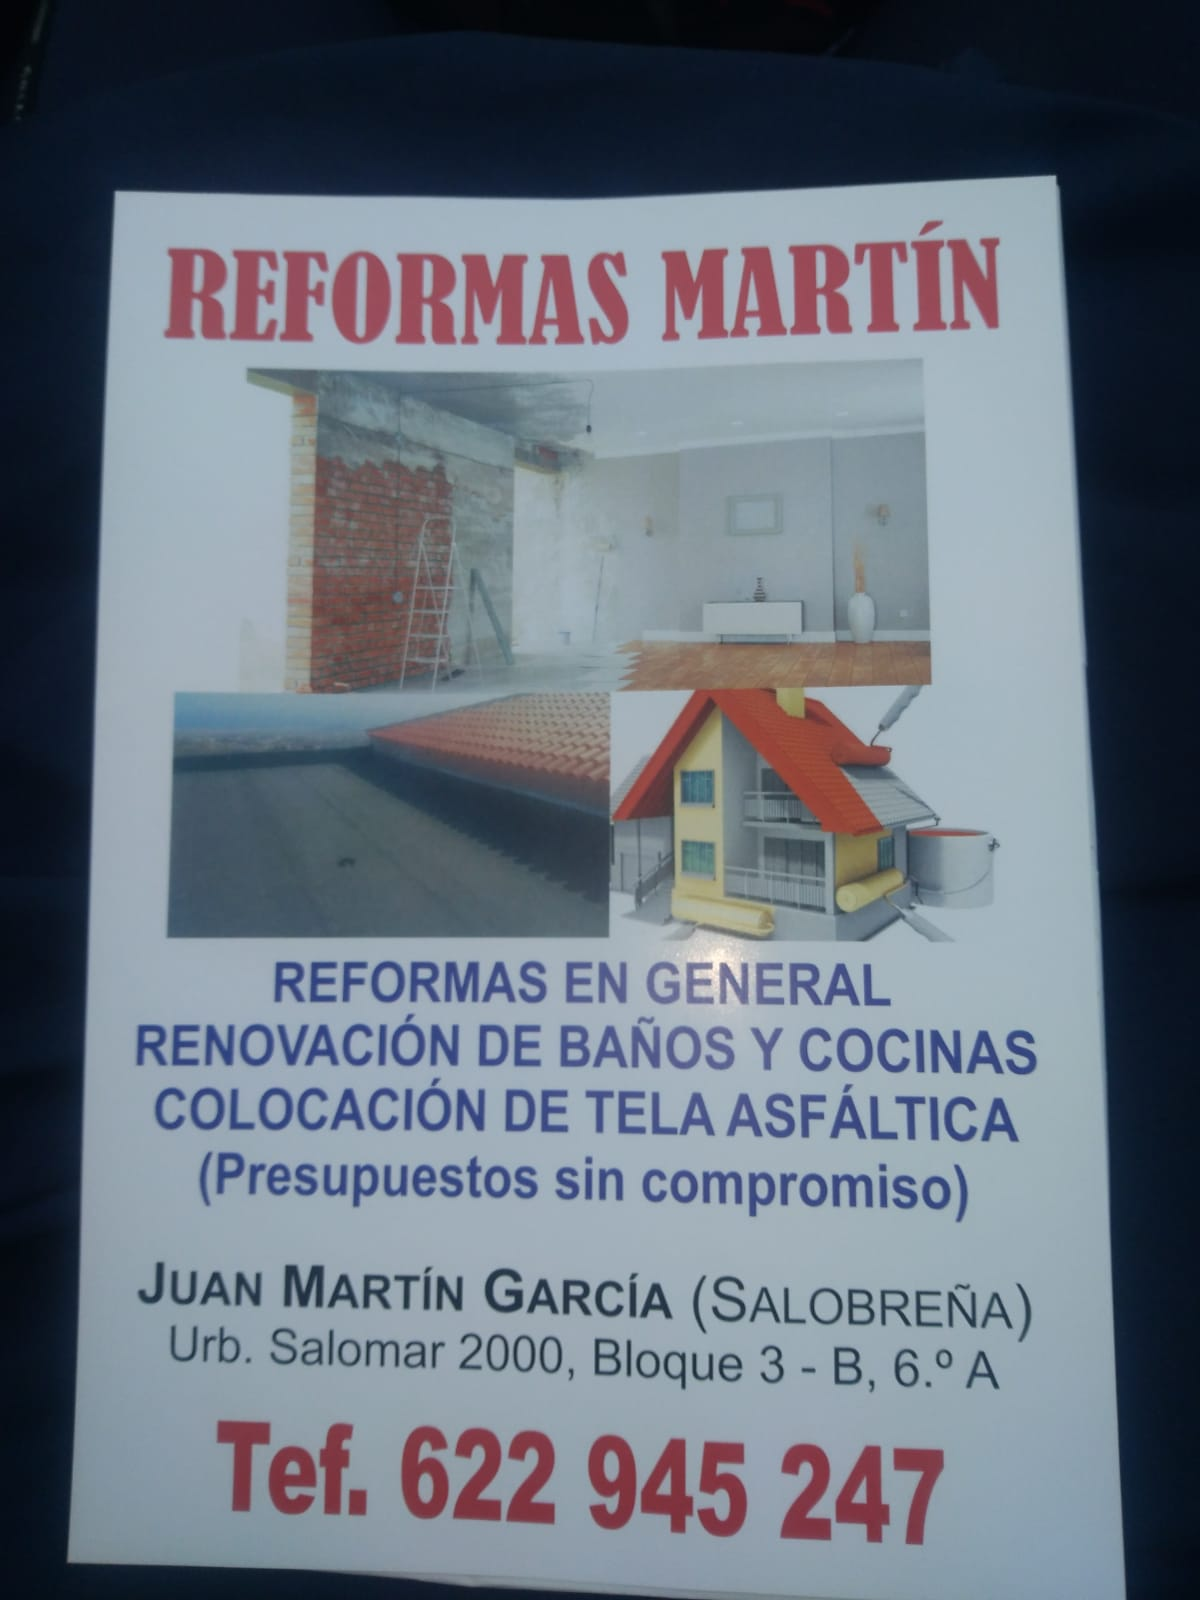 Reformas Martín